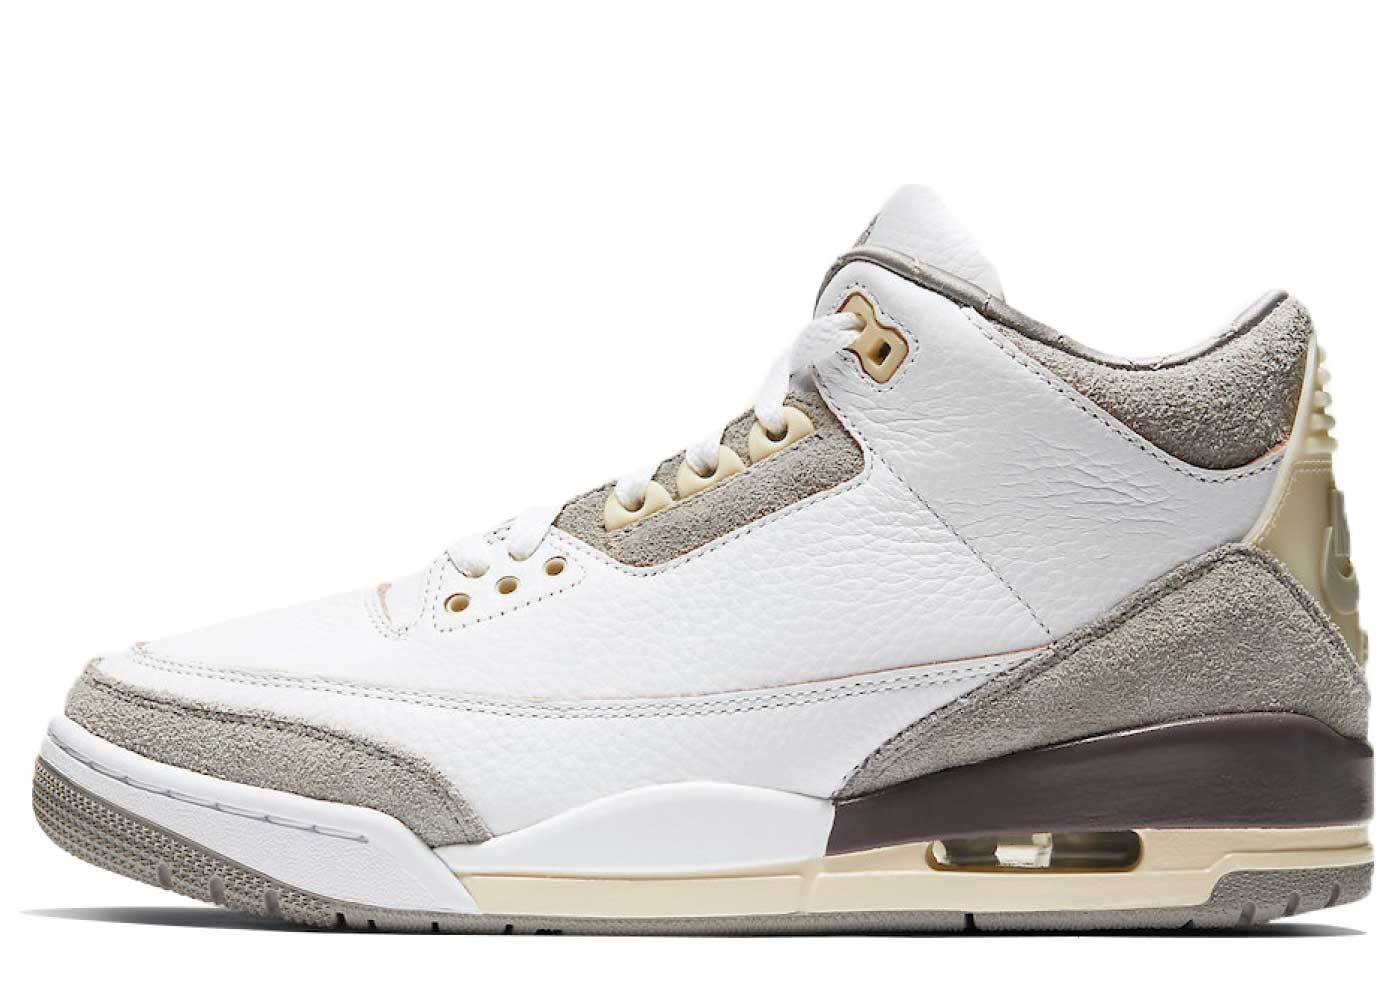 A Ma Maniere ×  Nike Air Jordan 3 Retro White Womensの写真